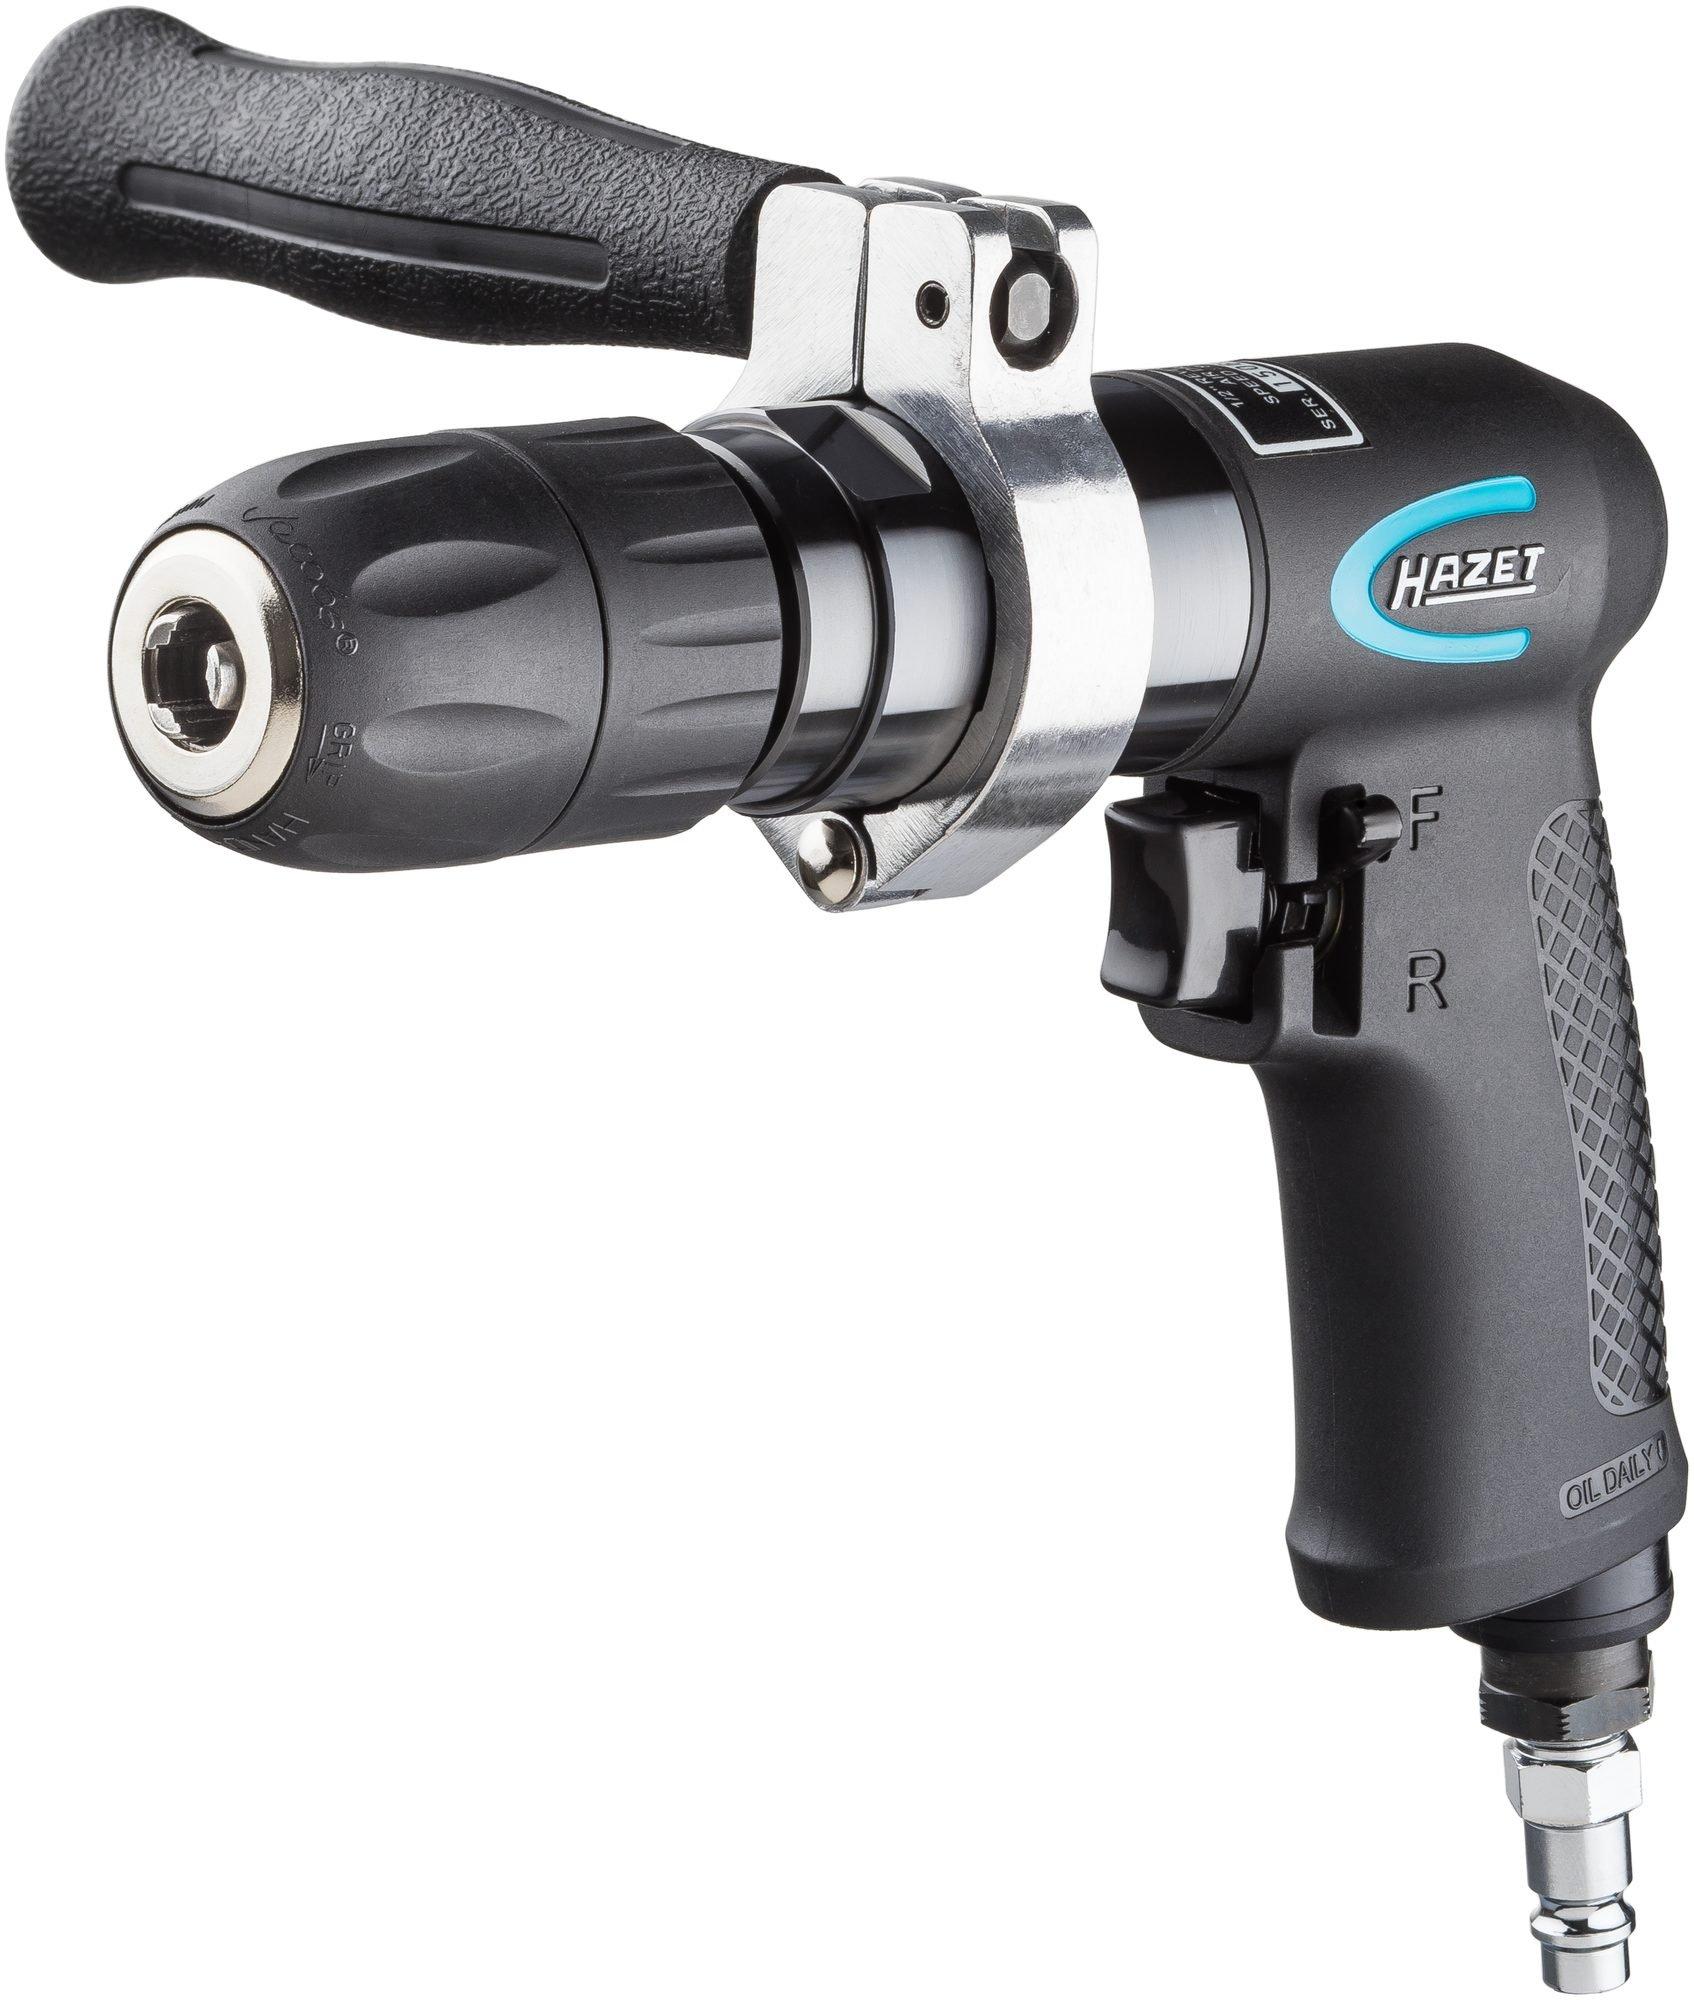 Hazet-Druckluft-Bohrmaschine-1-13-mm-Schnellspannfutter-handliches-Werkzeug-fr-Karosseriearbeiten-und-Industrie-Leistung-373-W-9030P-1